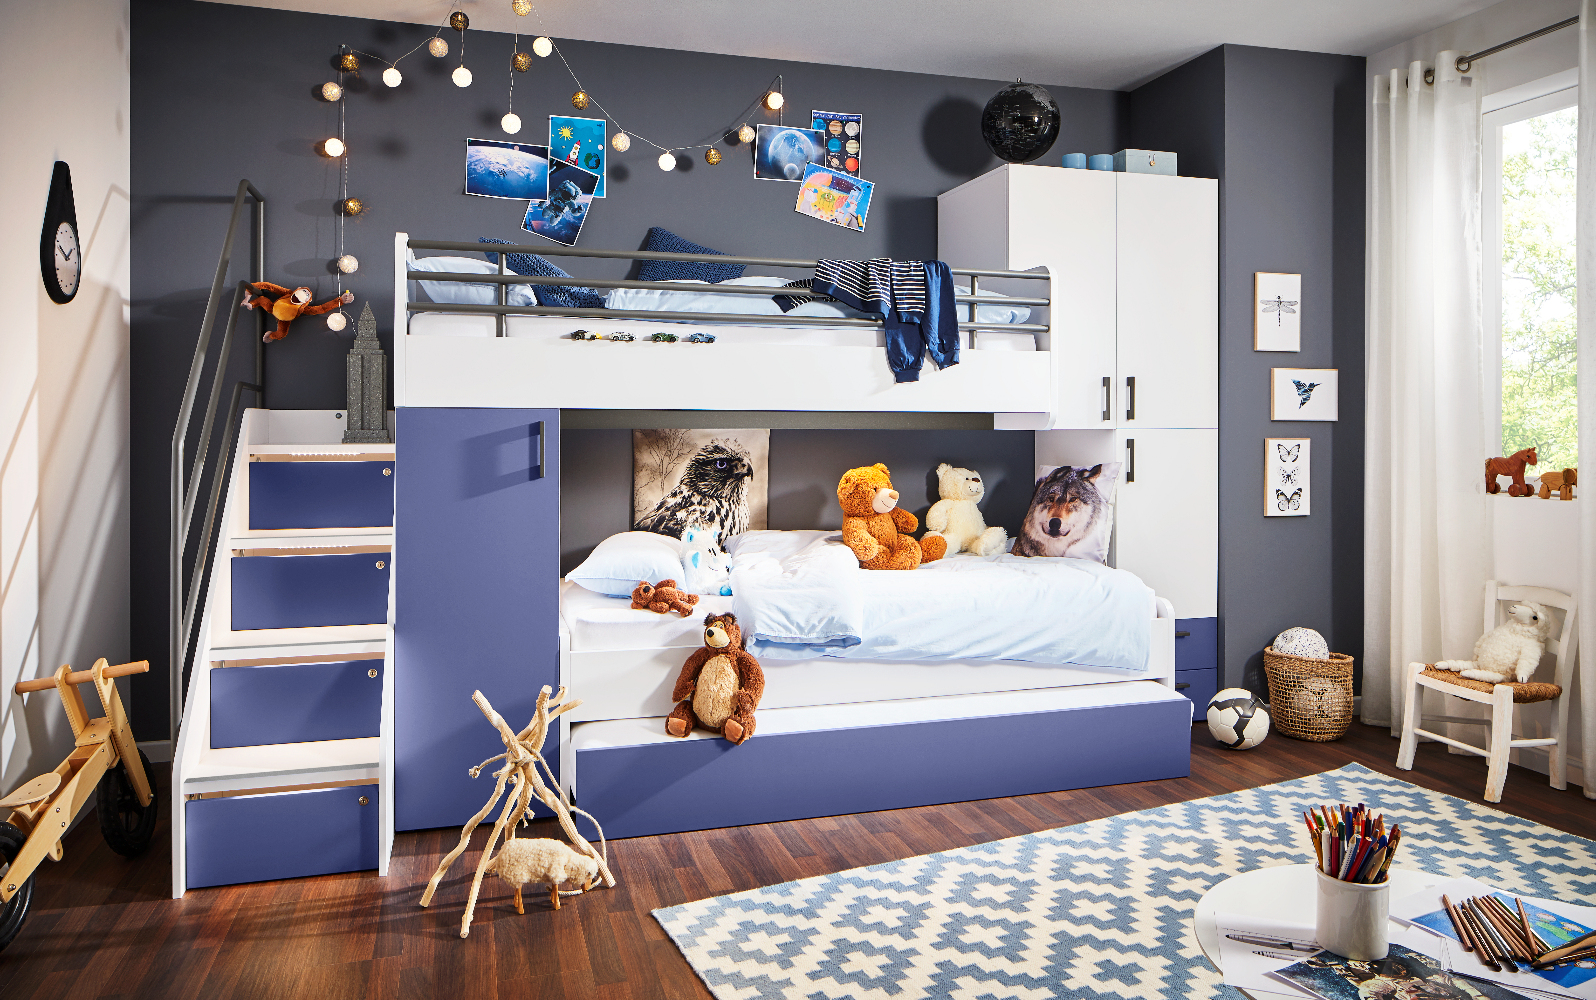 Full Size of Kinderzimmer Eckschrank Rudolf Mbel Jugendzimmer Sofa Regal Bad Küche Weiß Schlafzimmer Regale Wohnzimmer Kinderzimmer Eckschrank